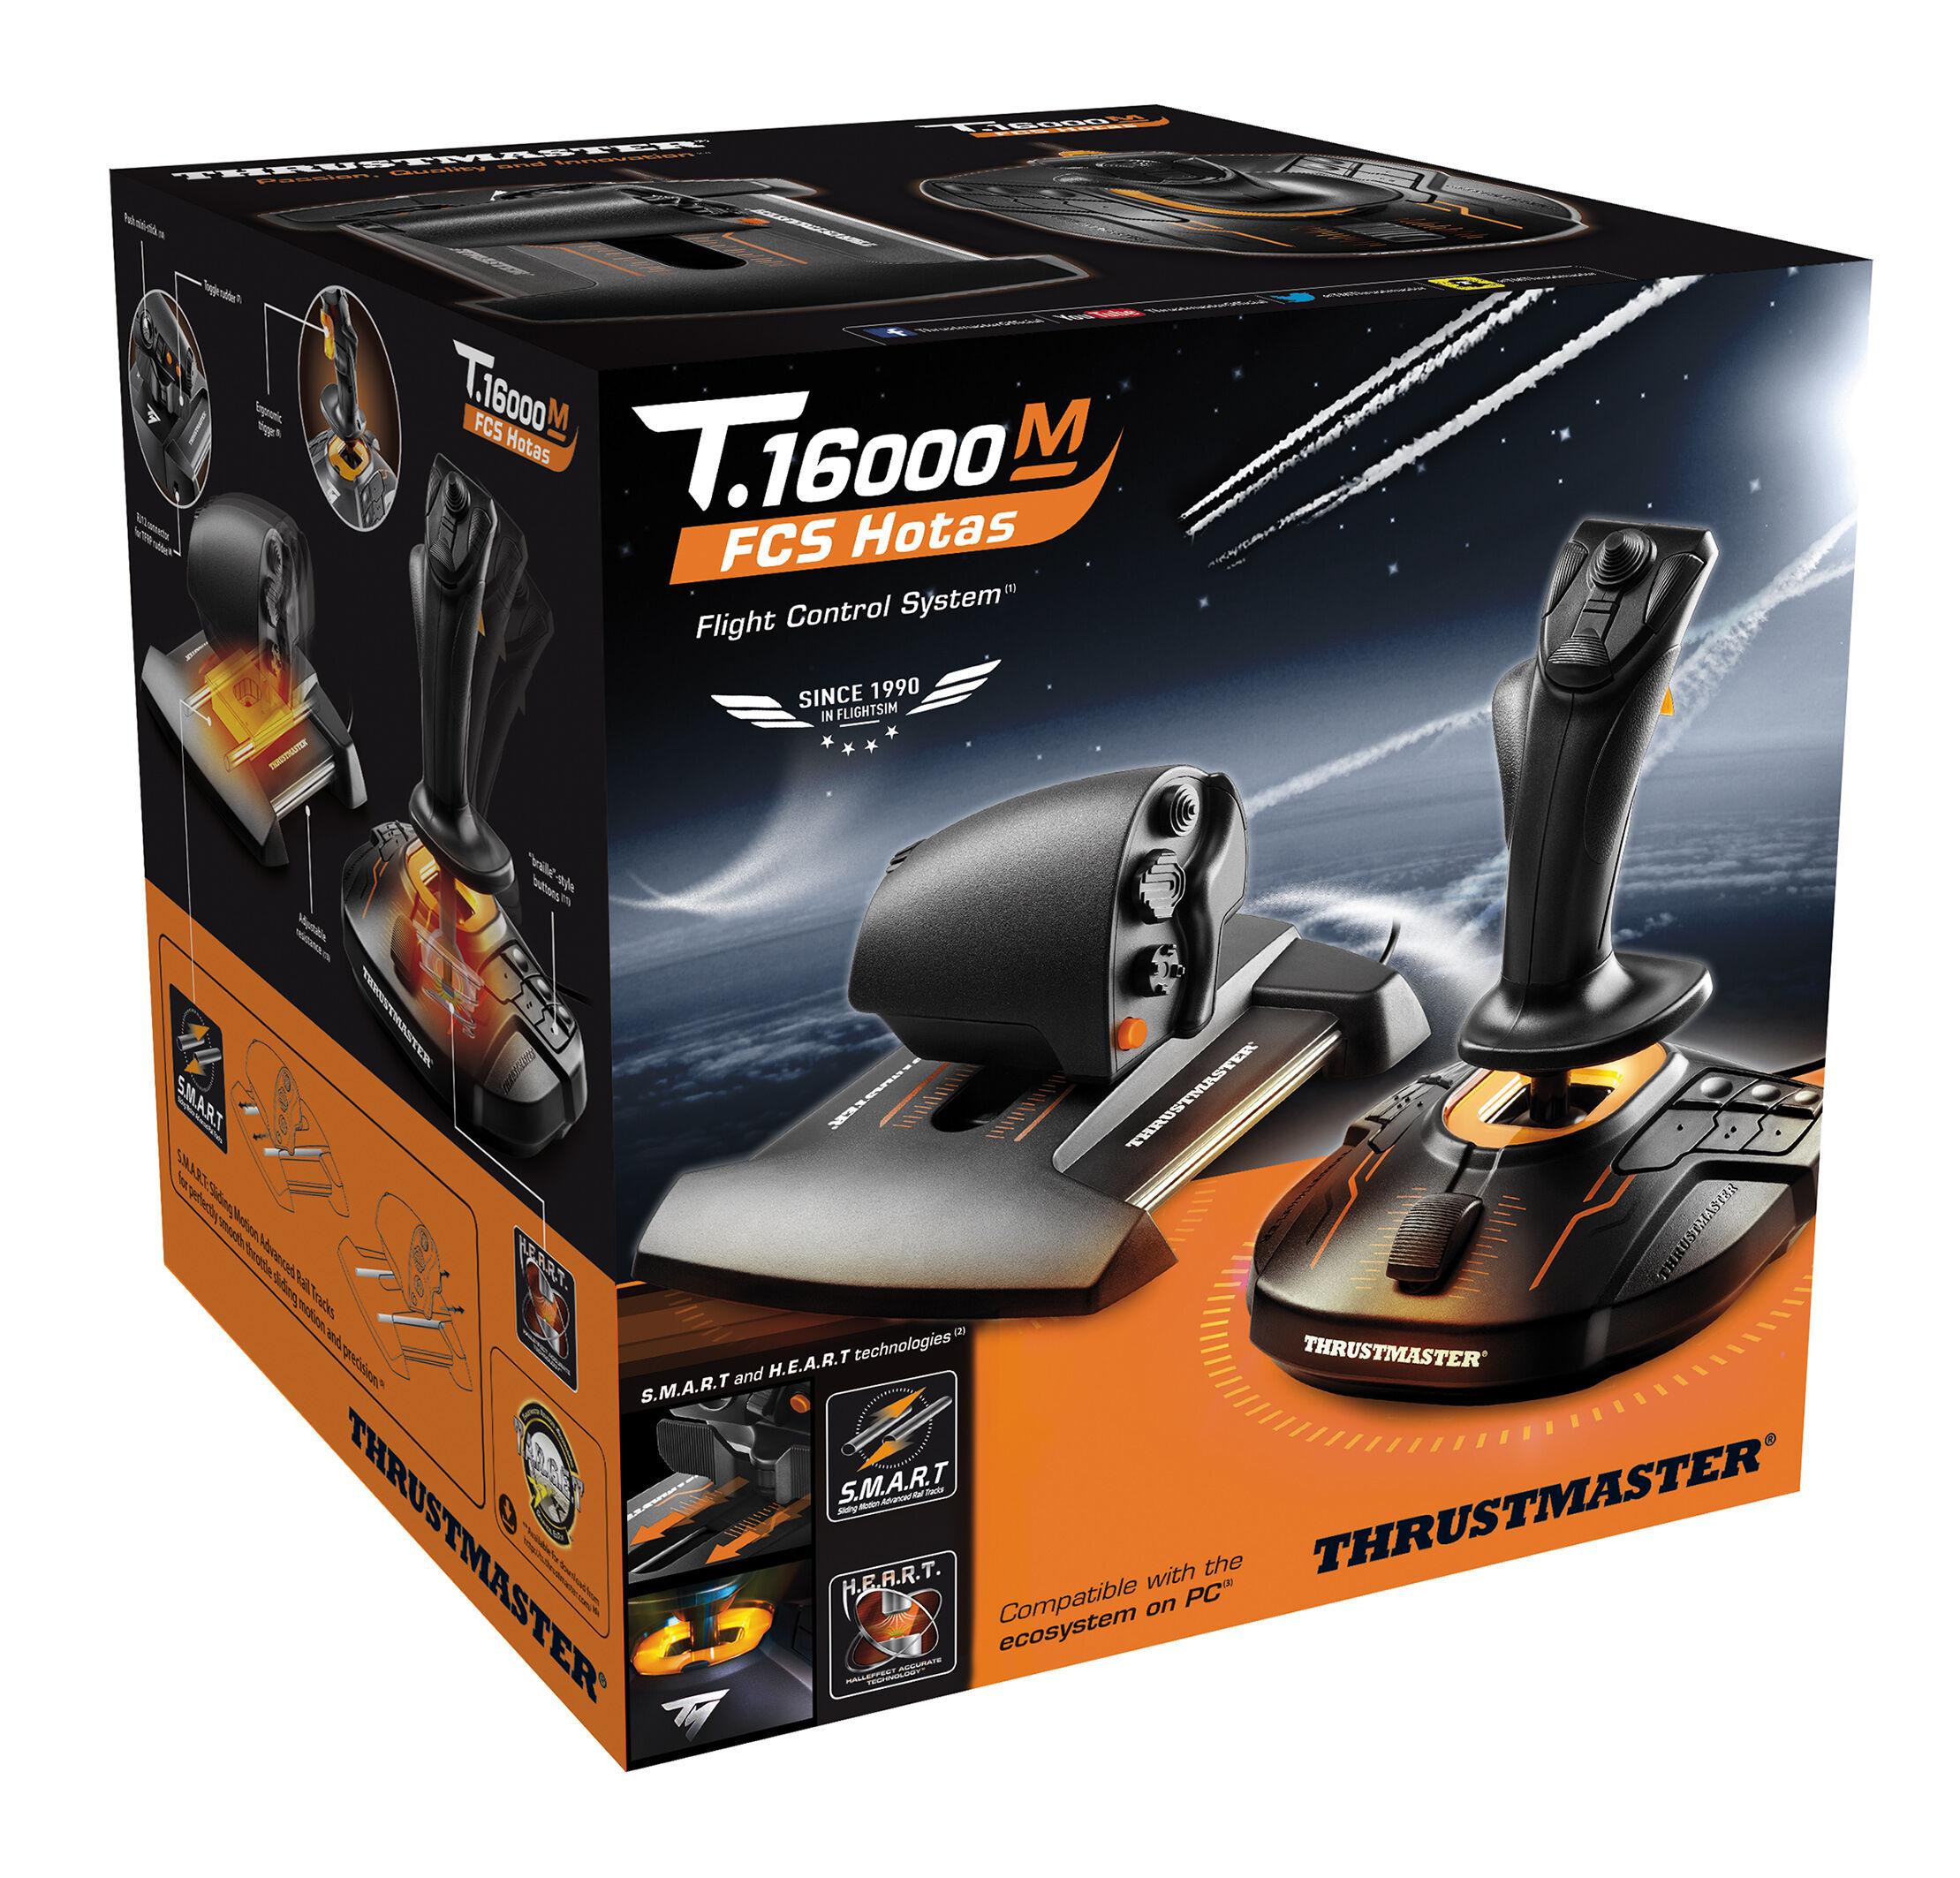 Thrustmaster T16000m Fcs Hotas